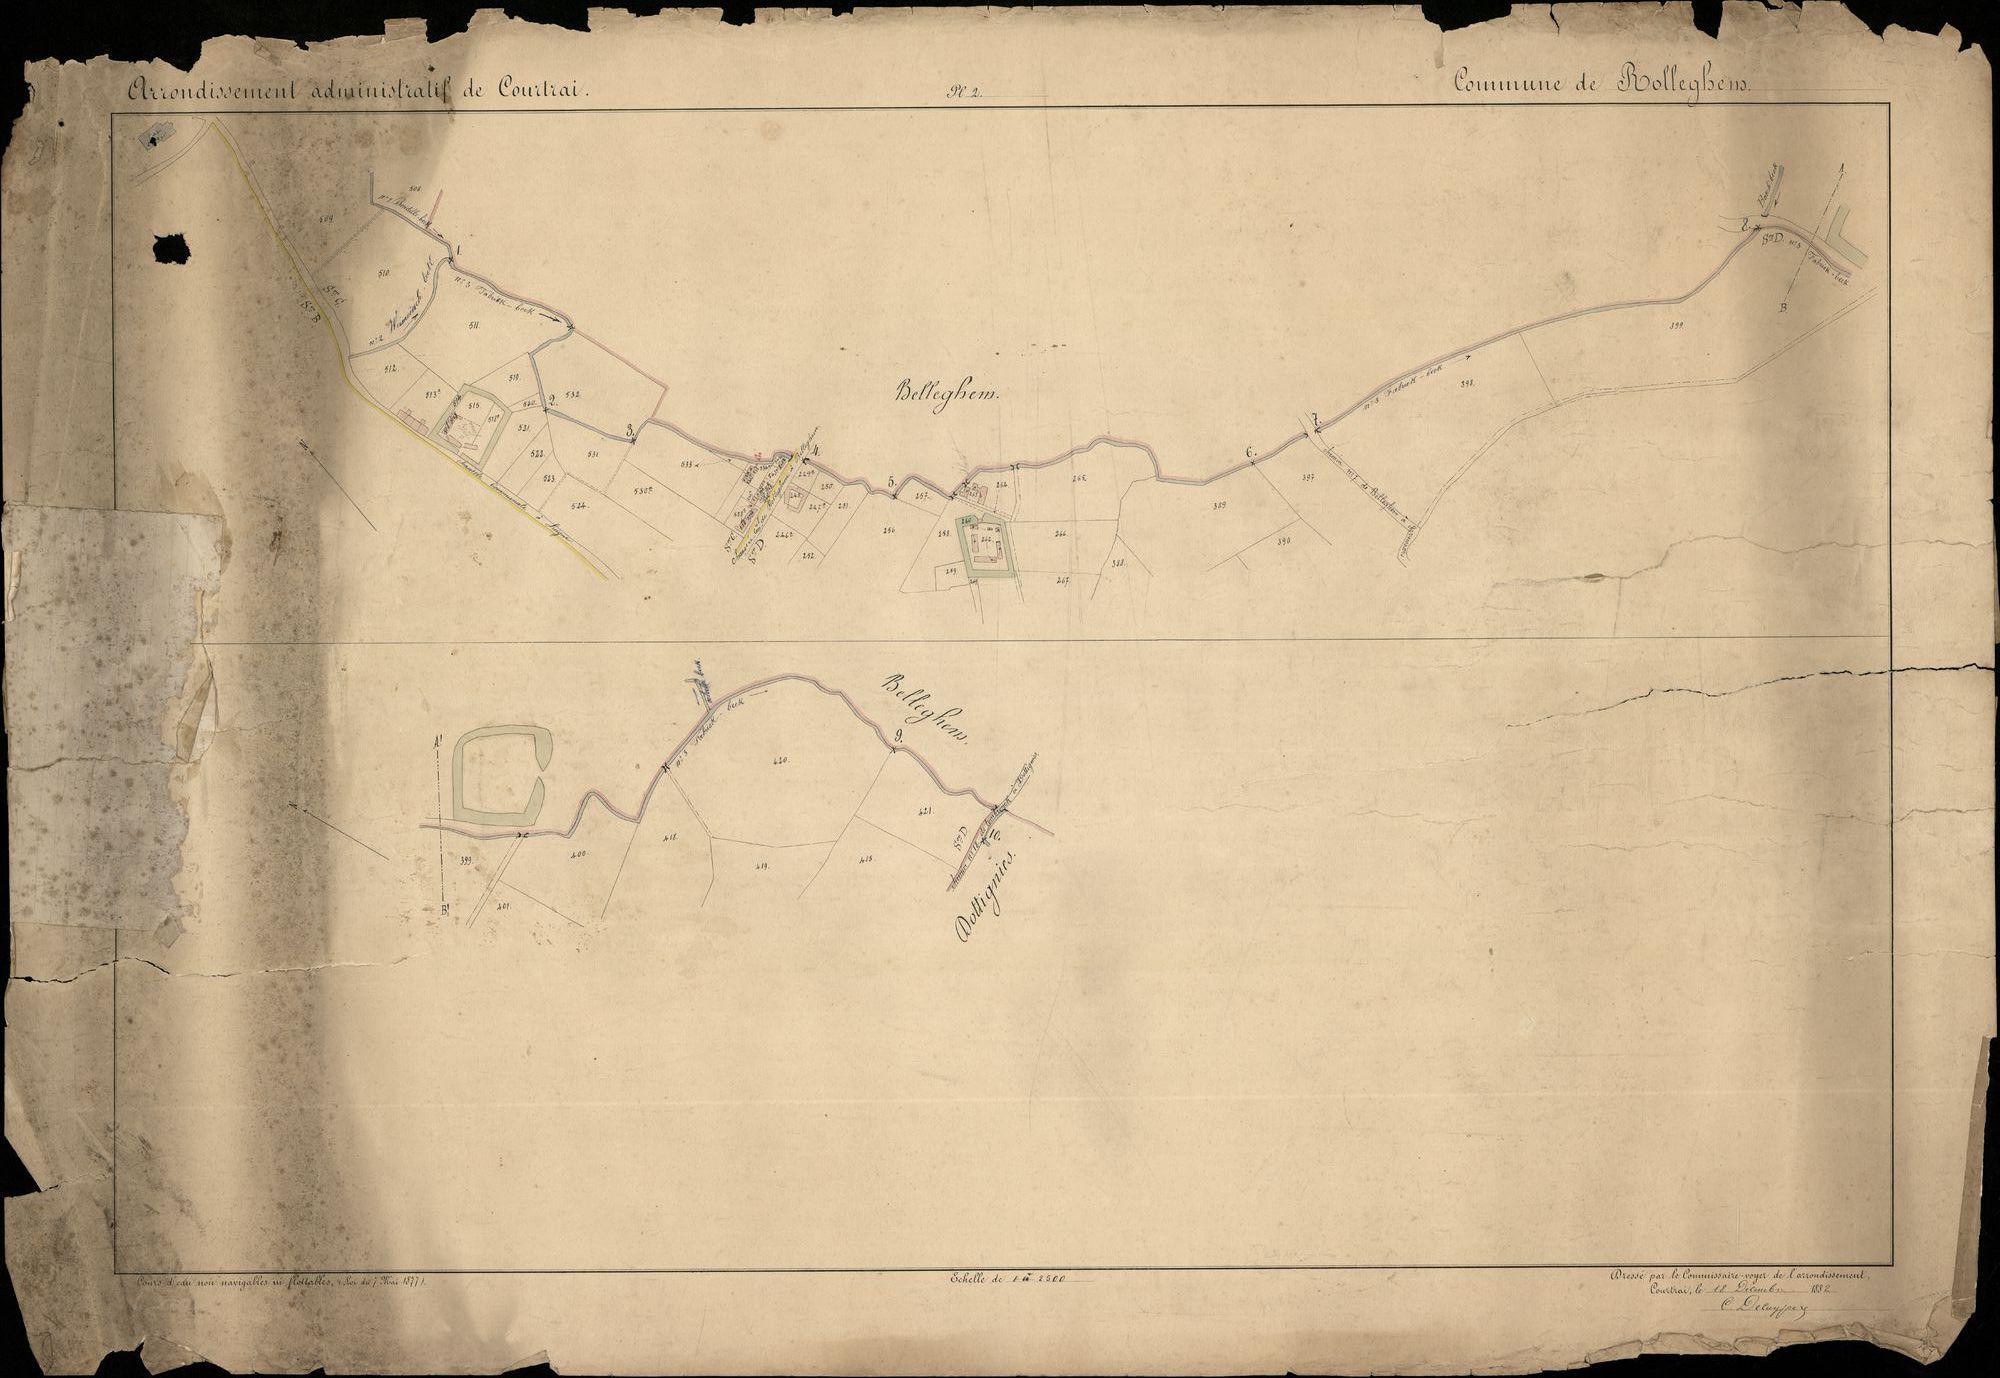 Kaarten van de onbevaarbare en onbevlotbare waterwegen van Rollegem, 1882